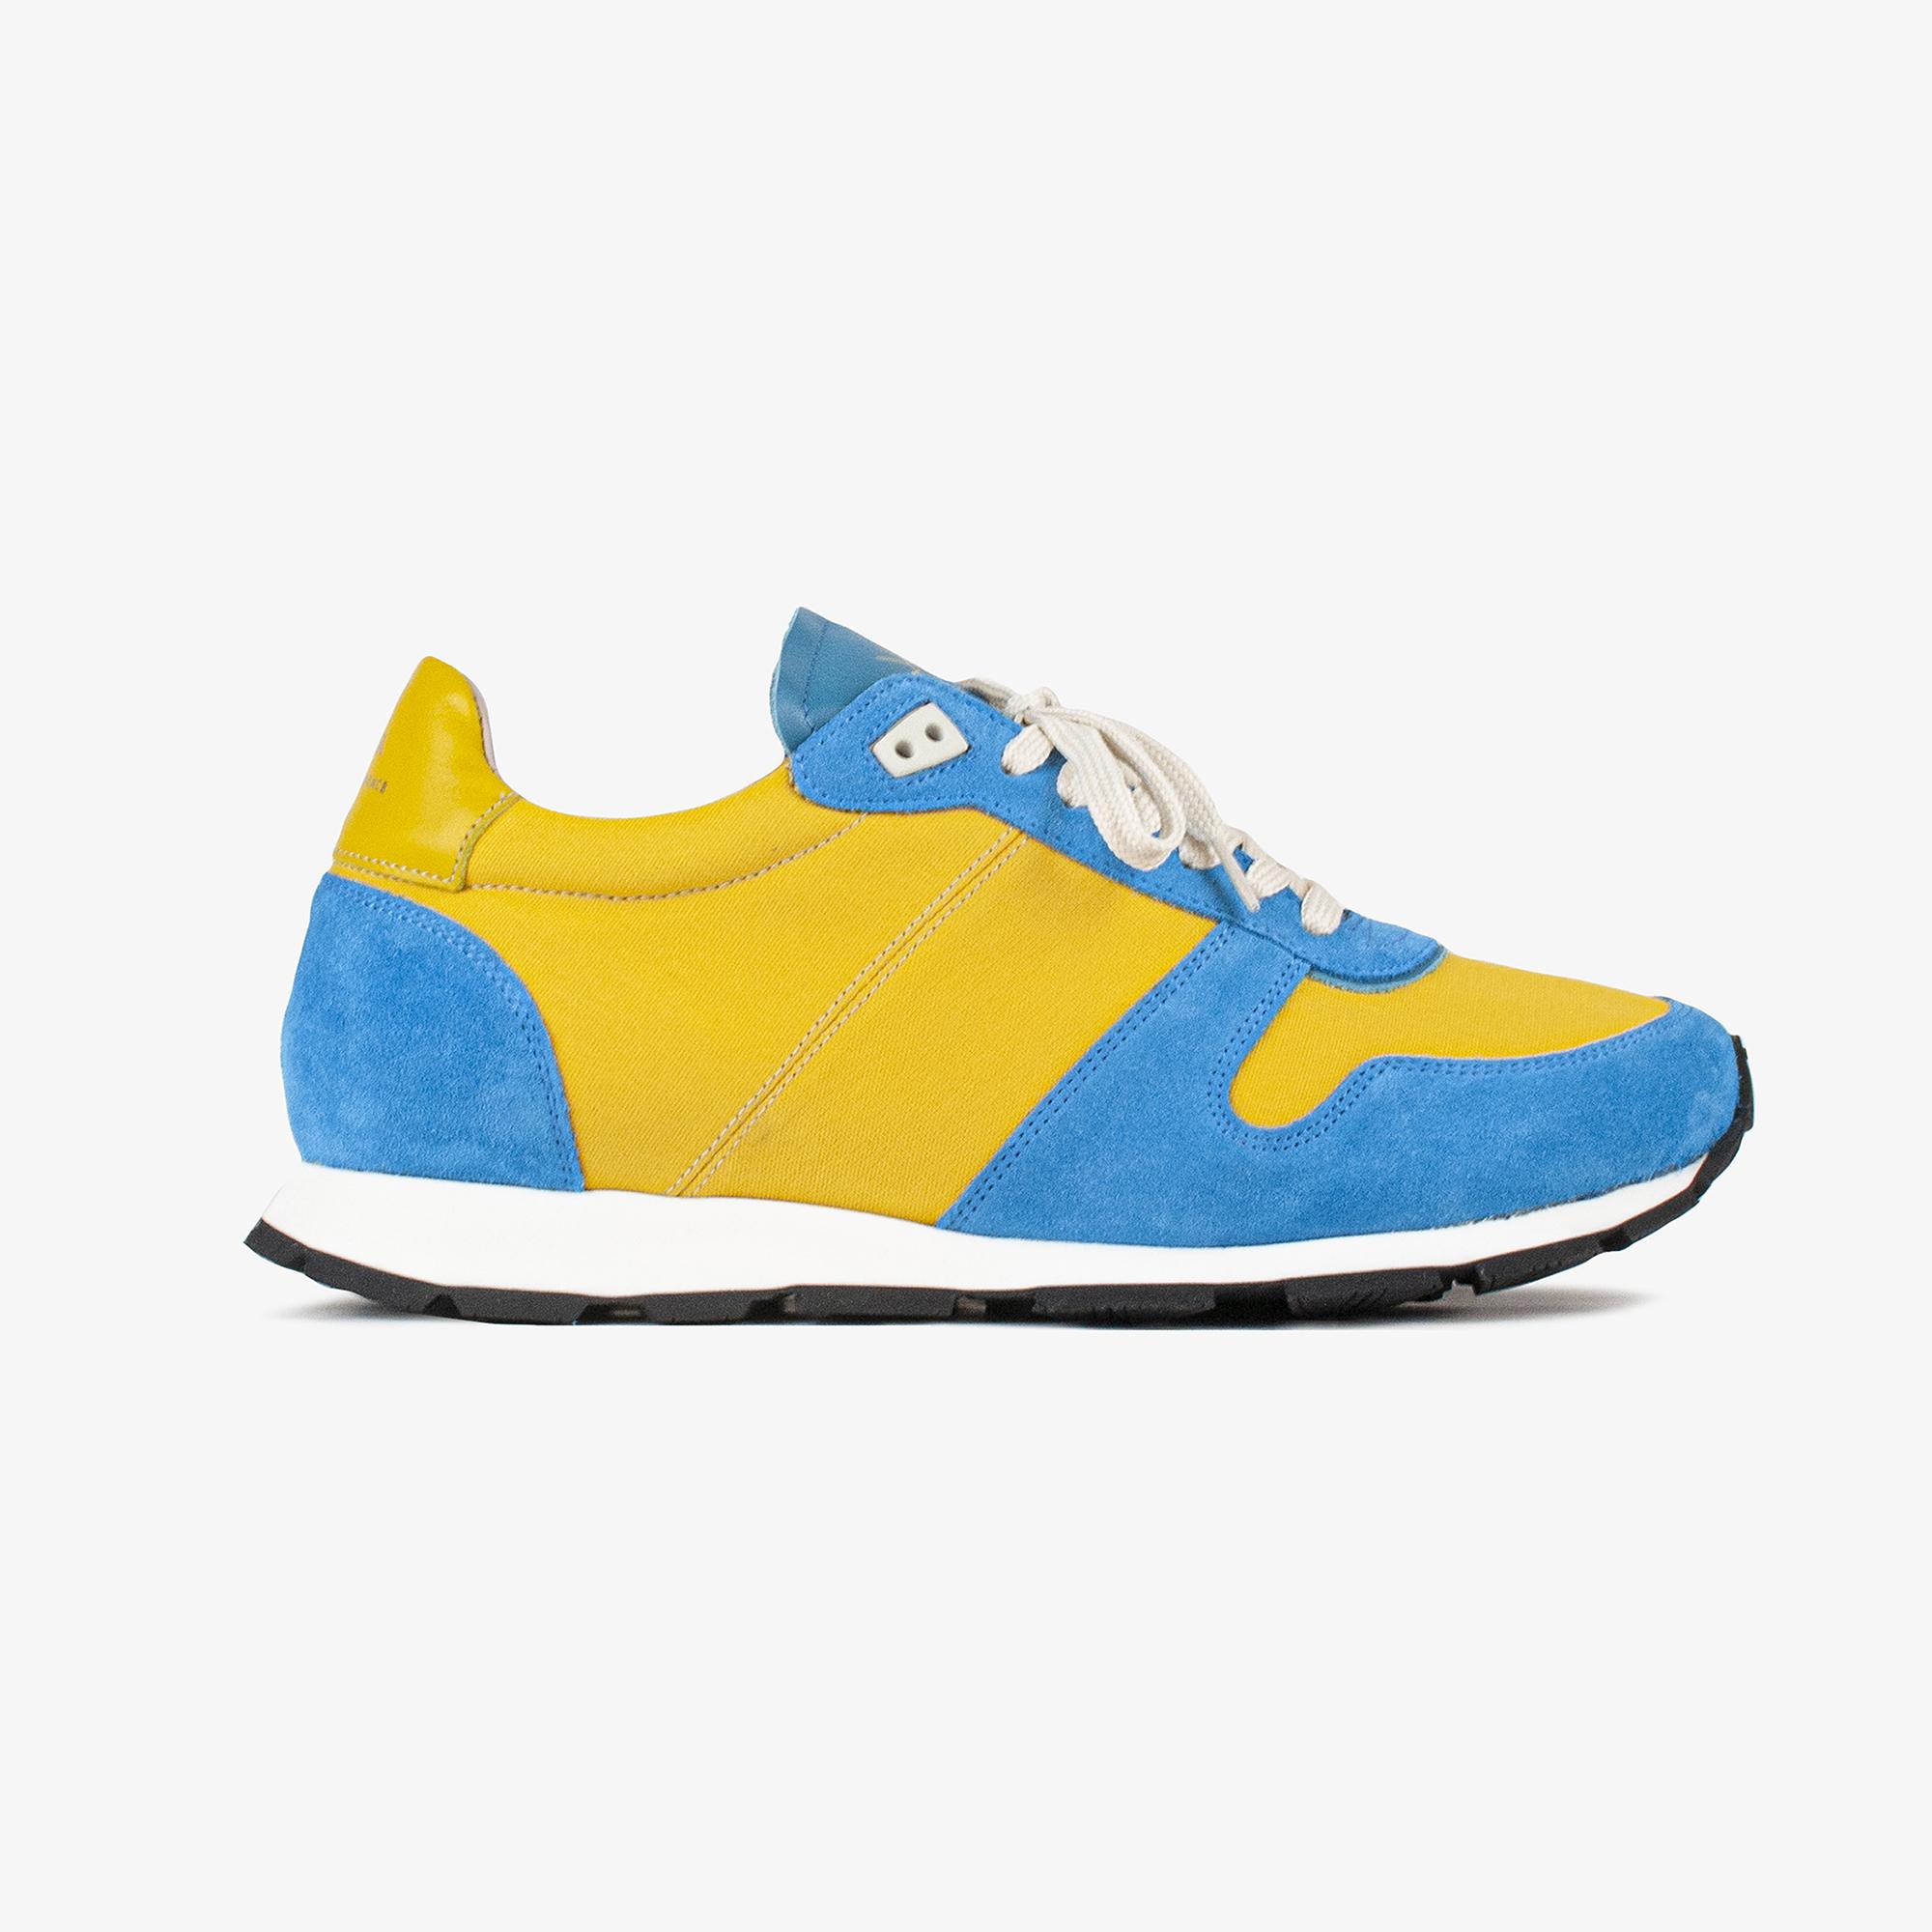 ZESPÁ's '70s-Inspired Sneaker Drops Today